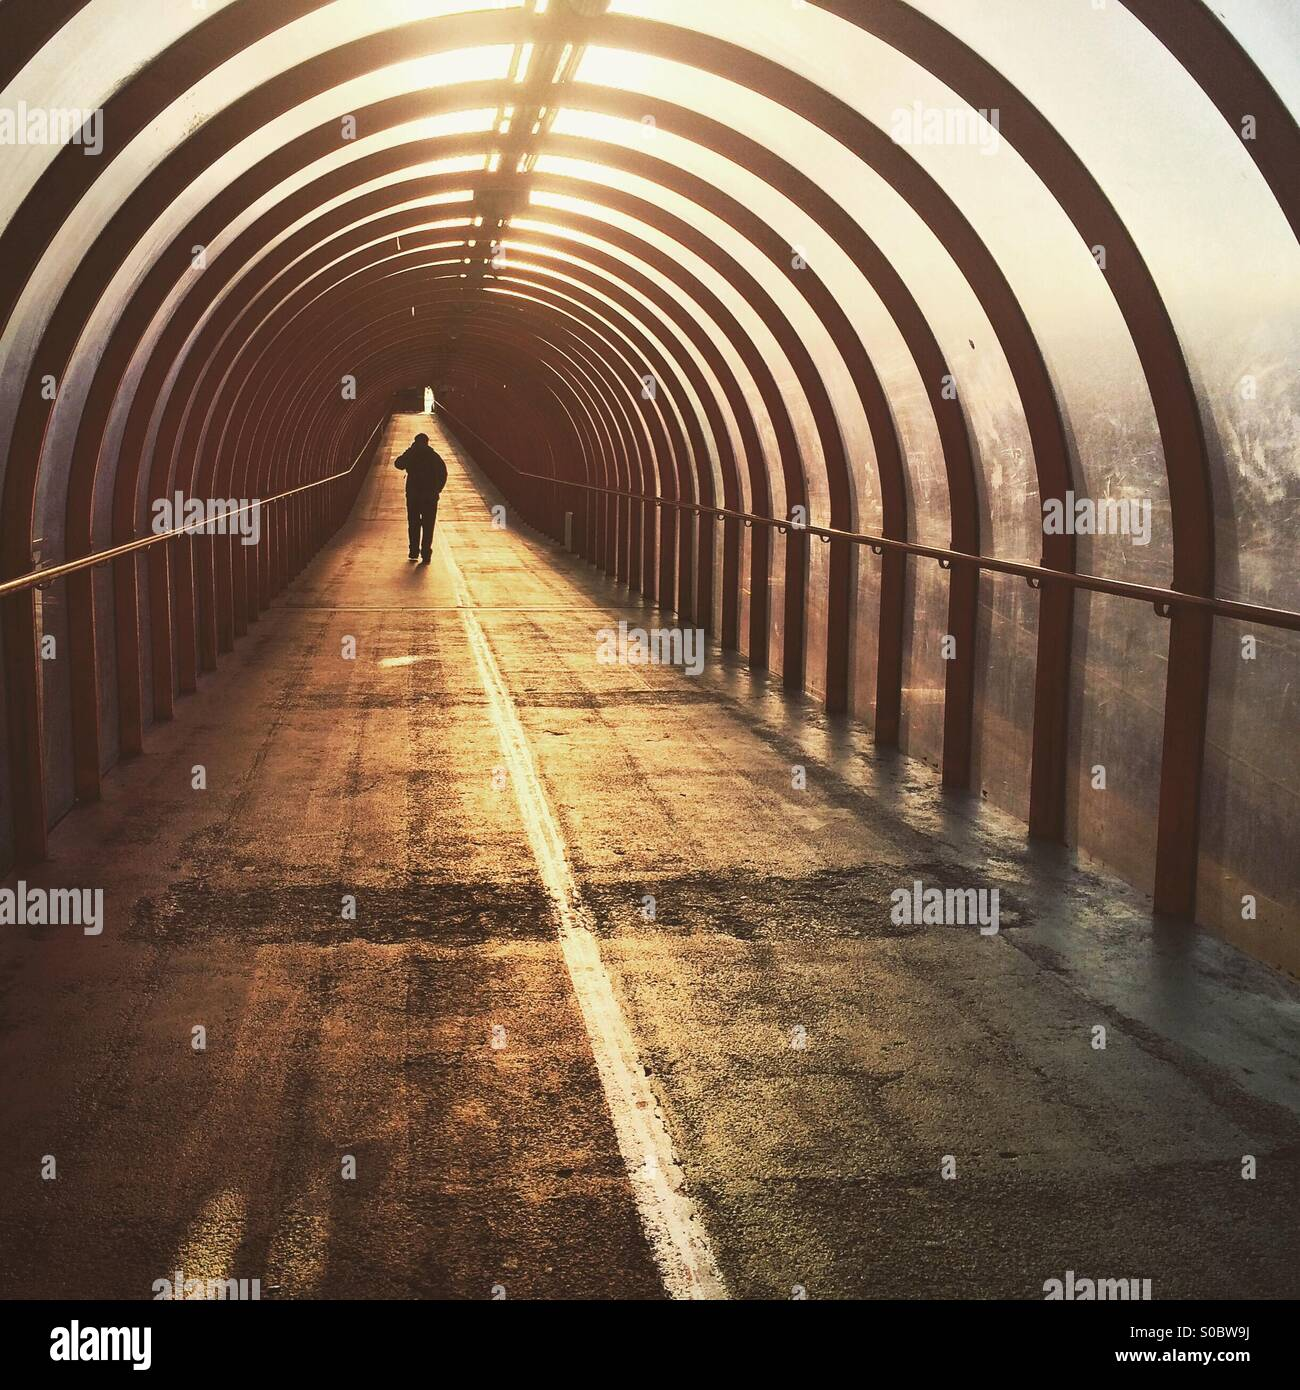 Una silueta de un hombre caminando por un túnel al amanecer en GlasgowFoto de stock